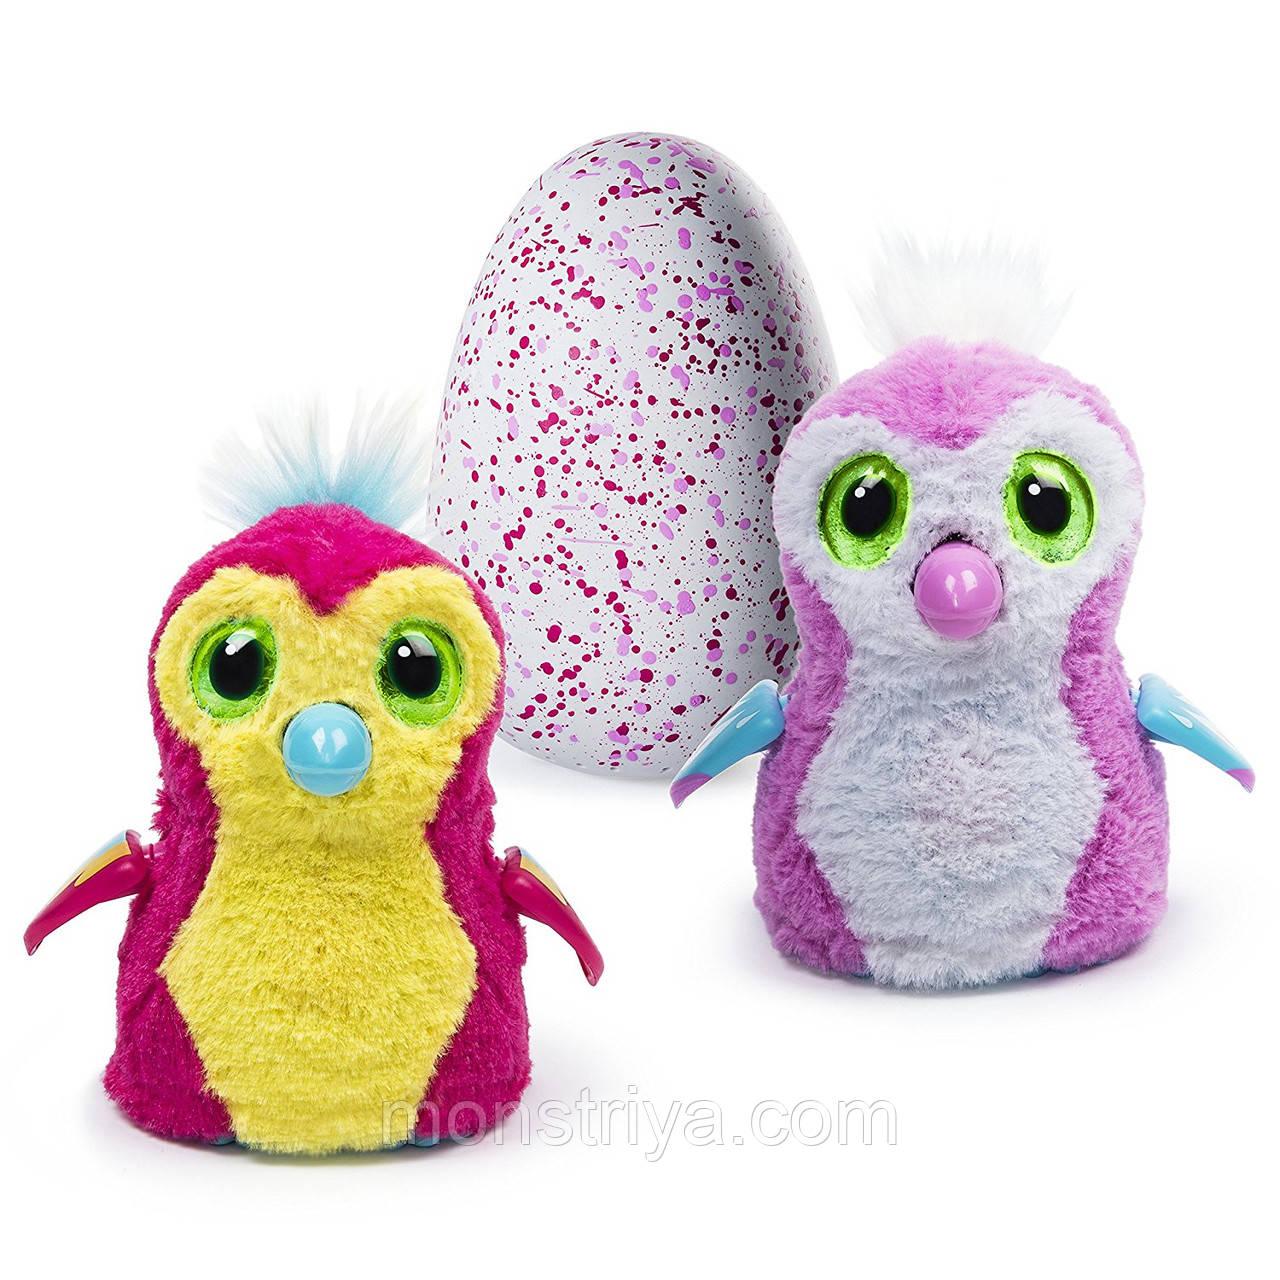 Интерактивная игрушка Hatchimals - Пингвинчик